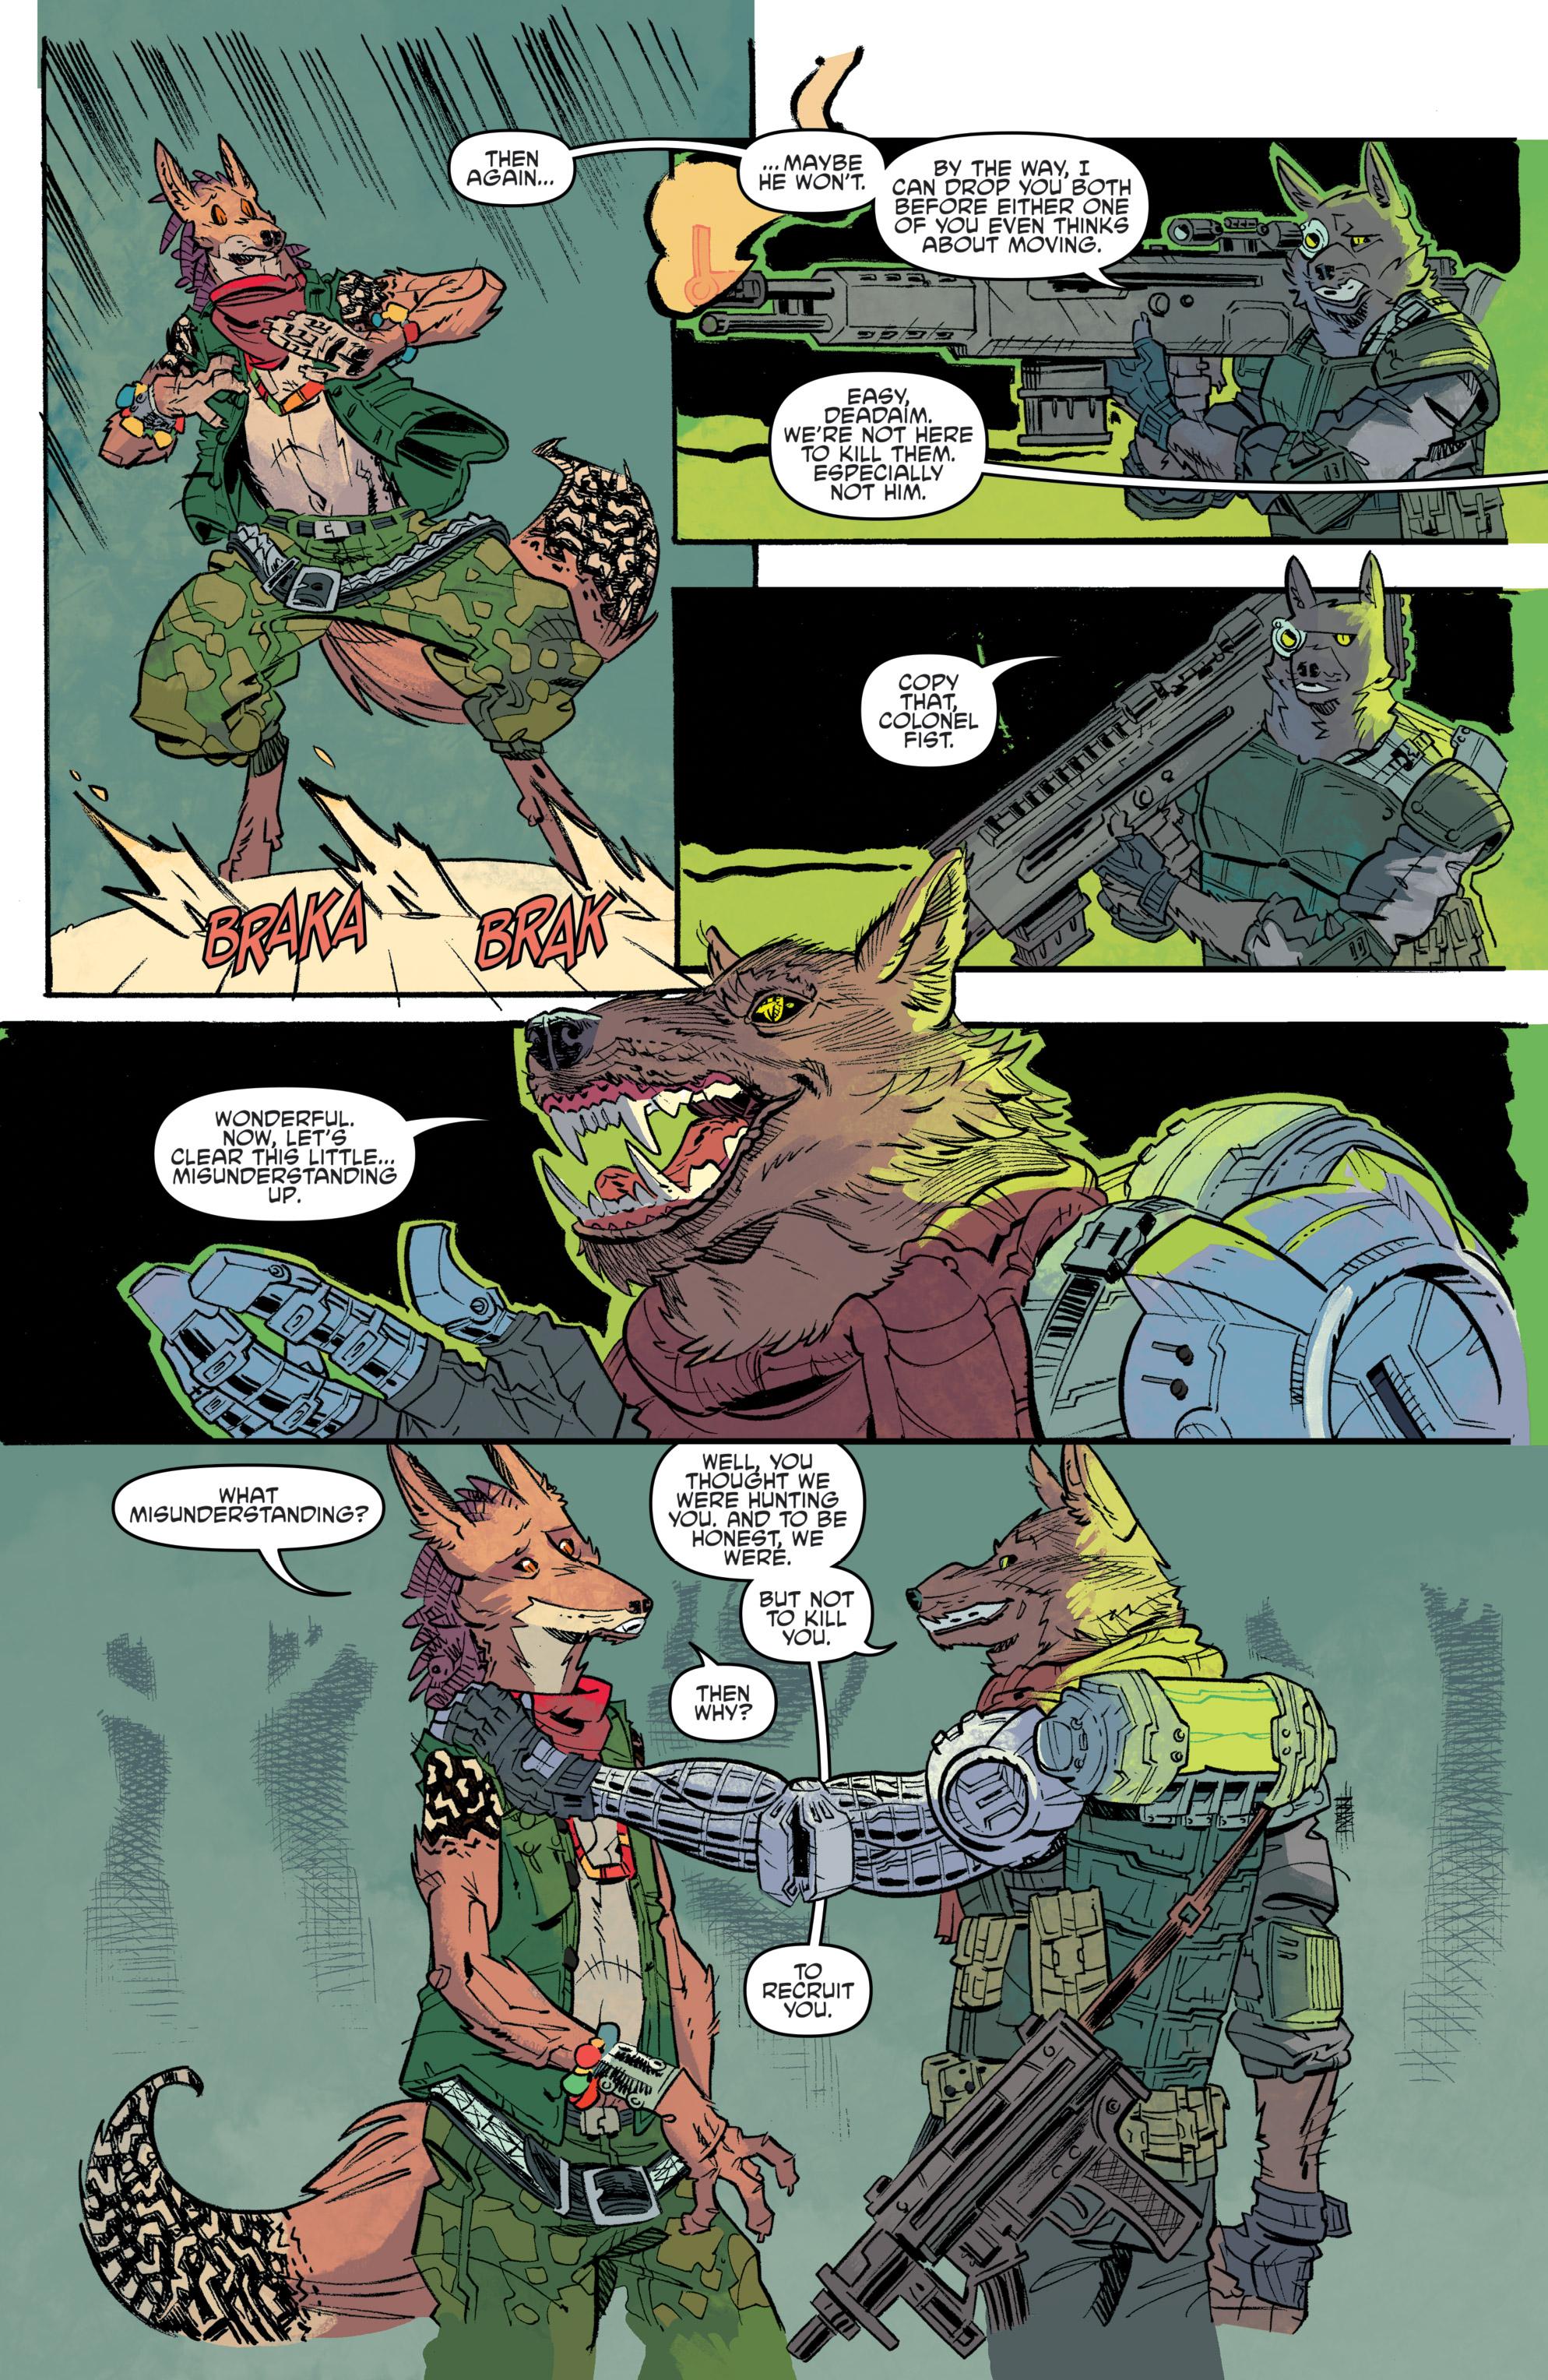 Read online Teenage Mutant Ninja Turtles Universe comic -  Issue #11 - 18